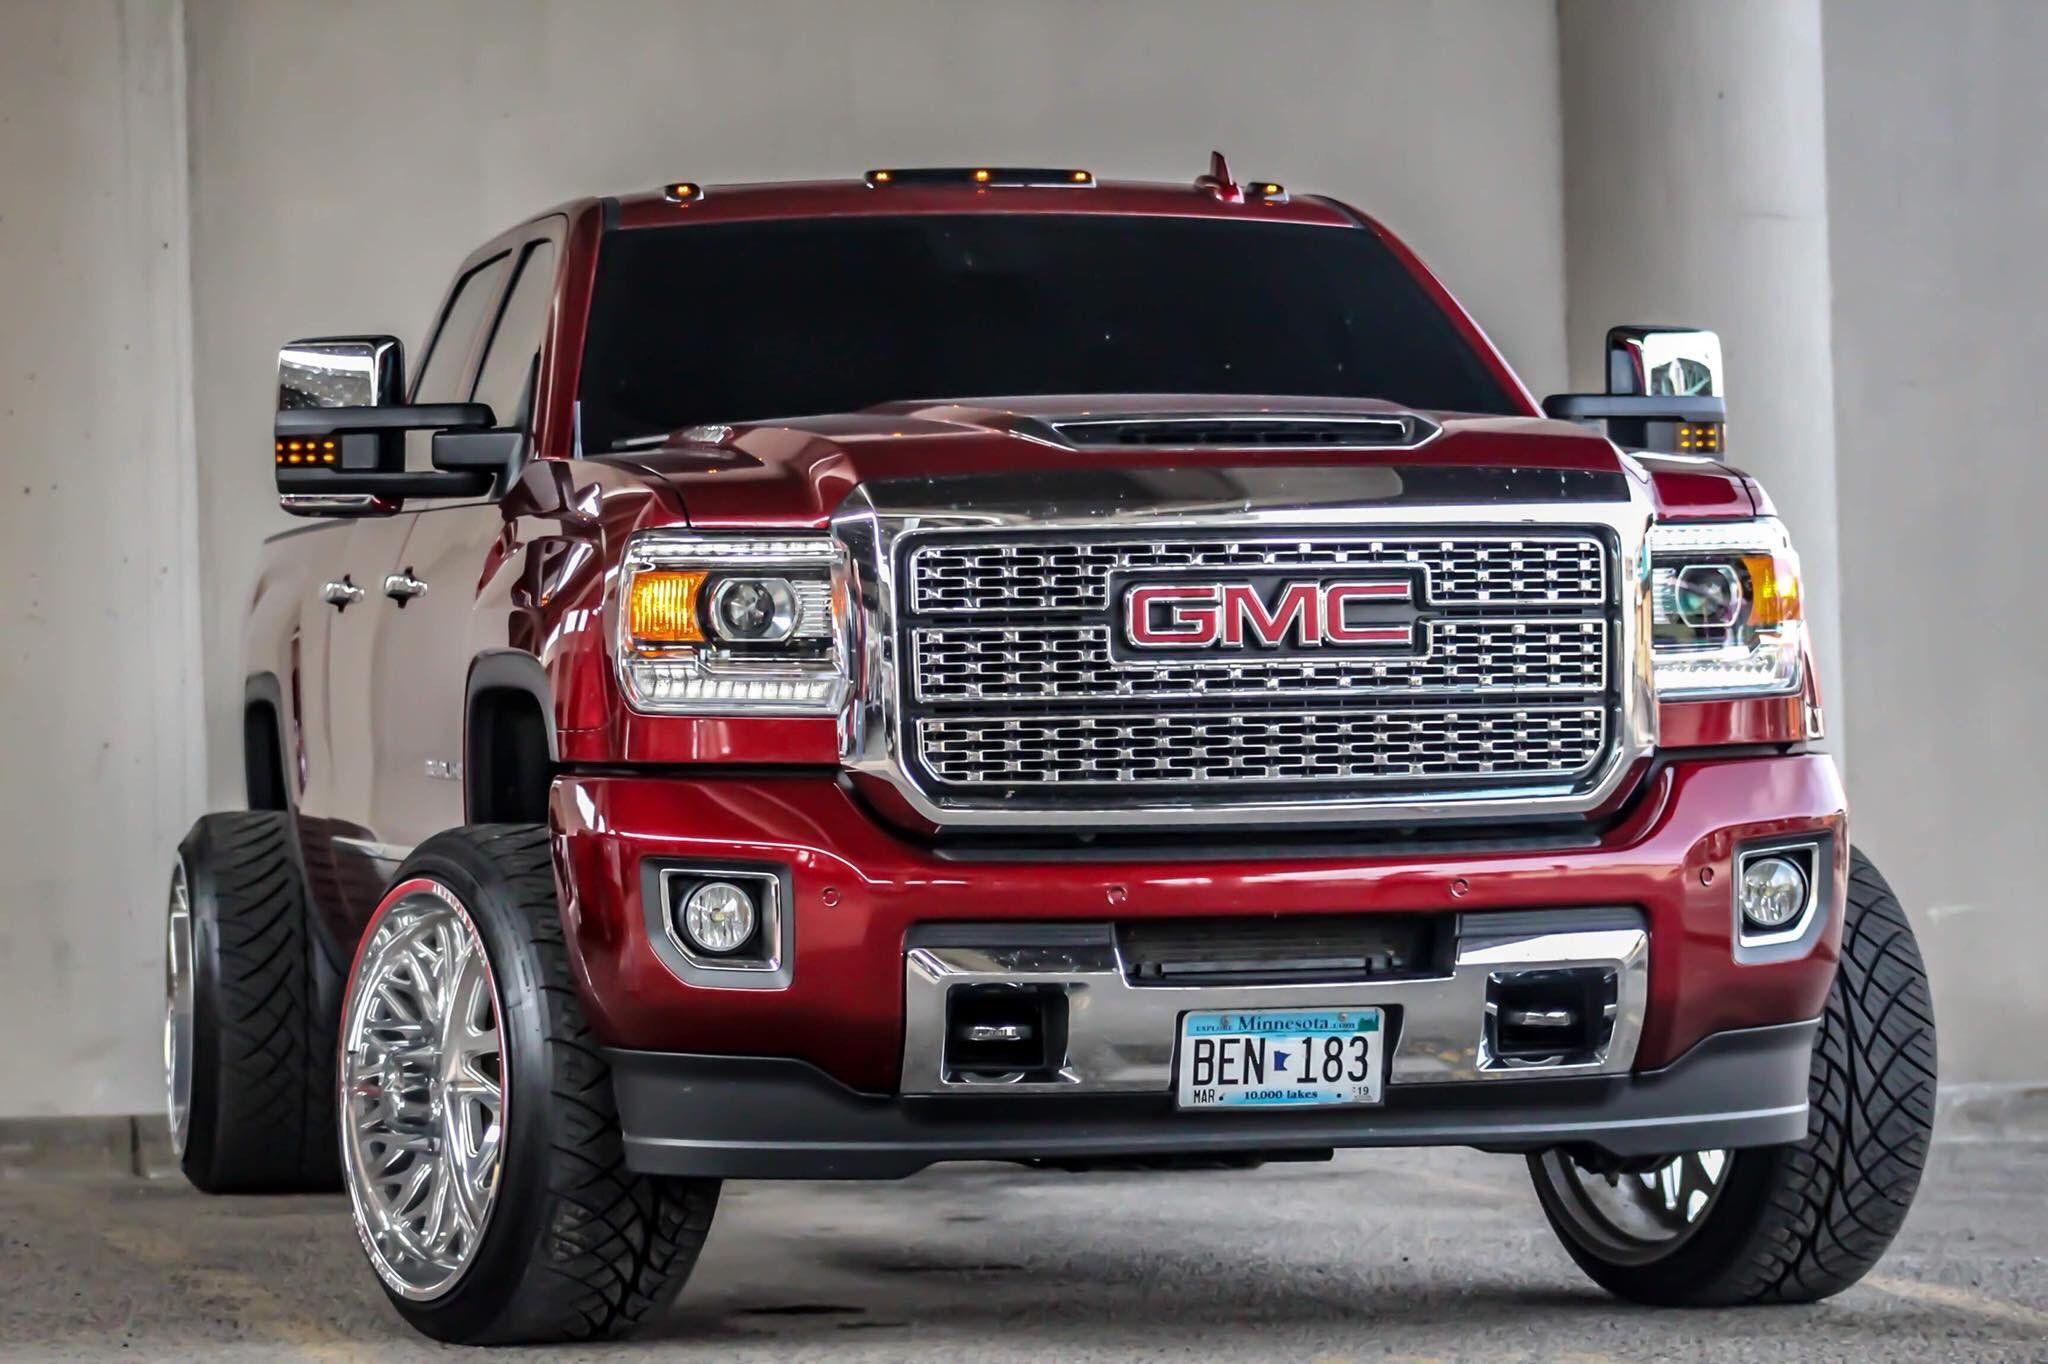 Pin By Roger Castillo On Gmc Denali Truck In 2020 Trucks Gmc